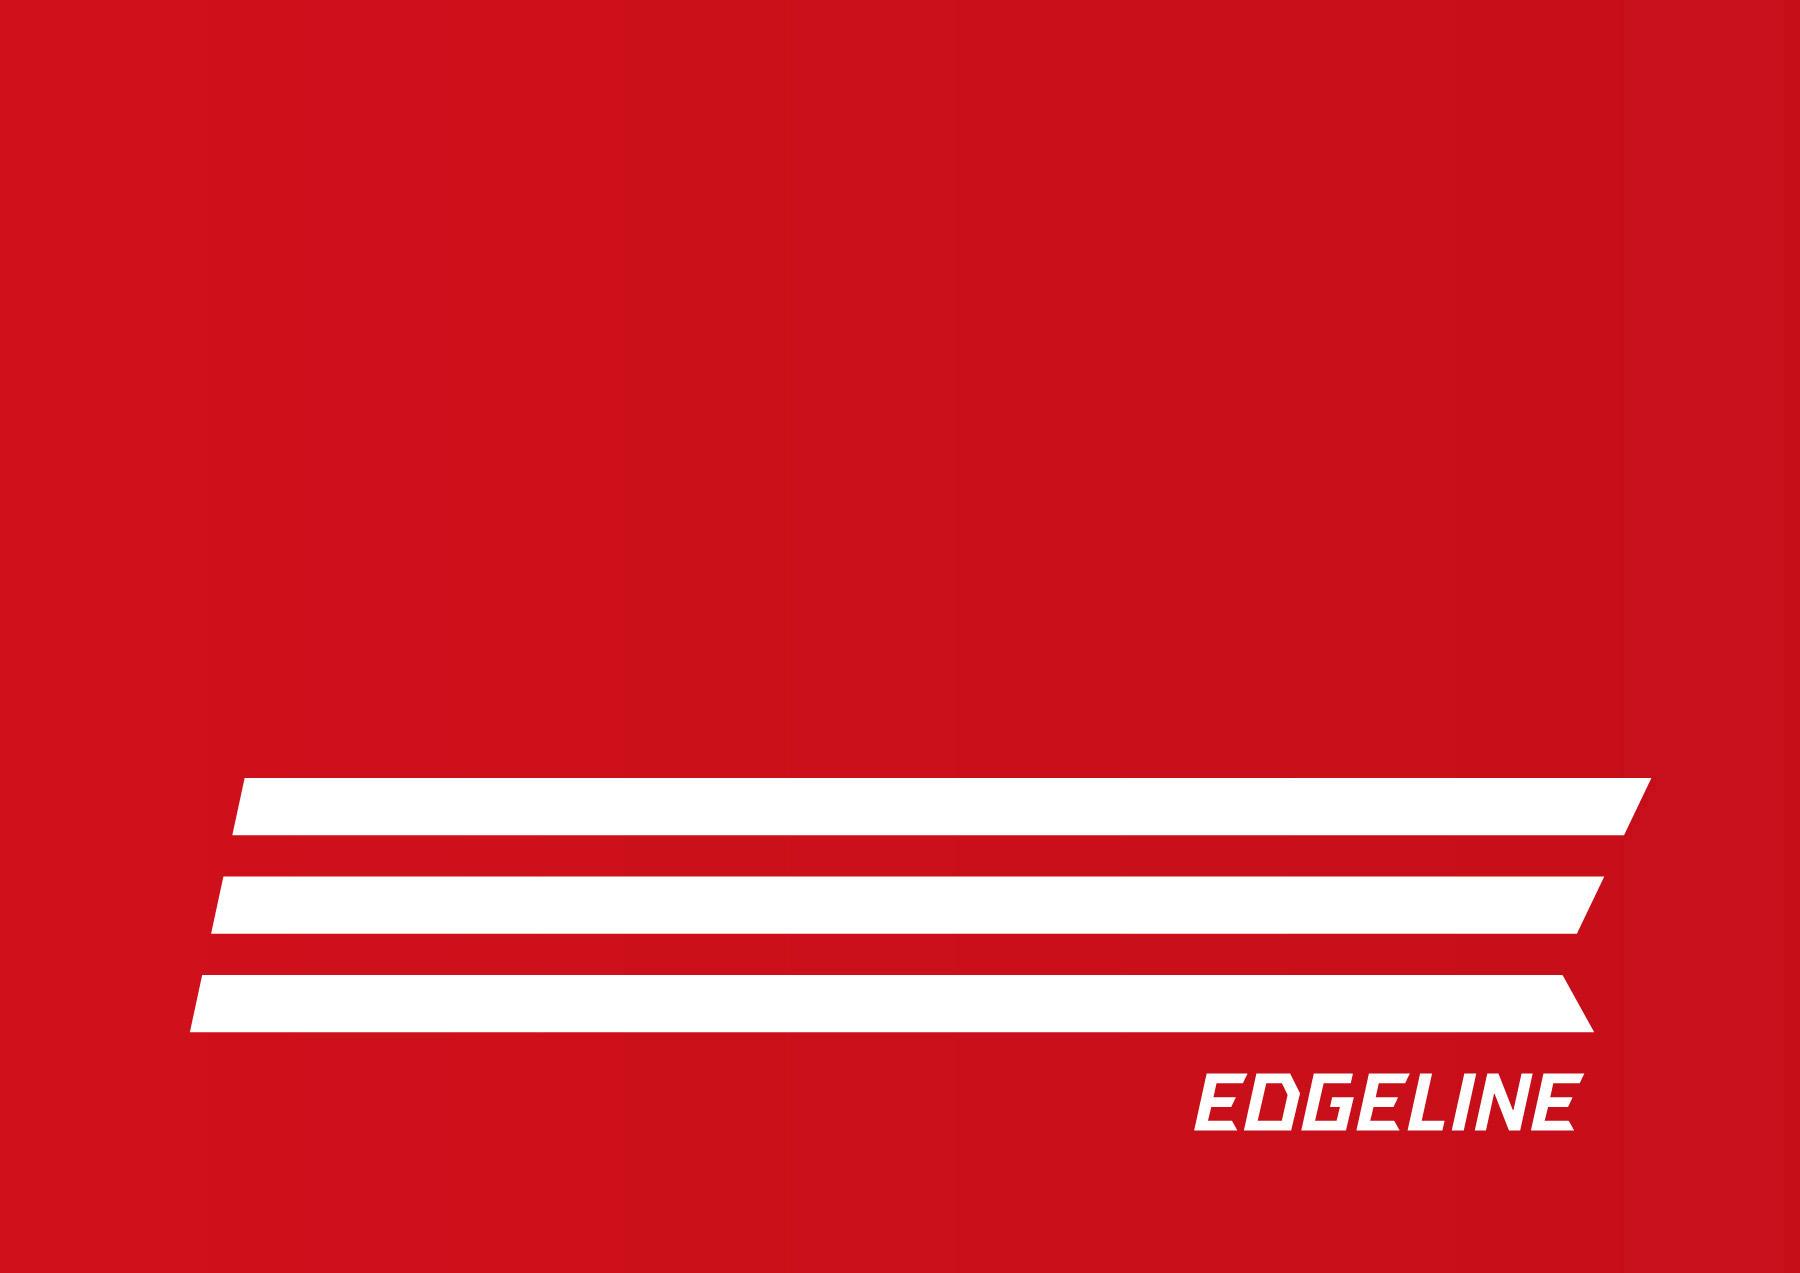 edgeline4